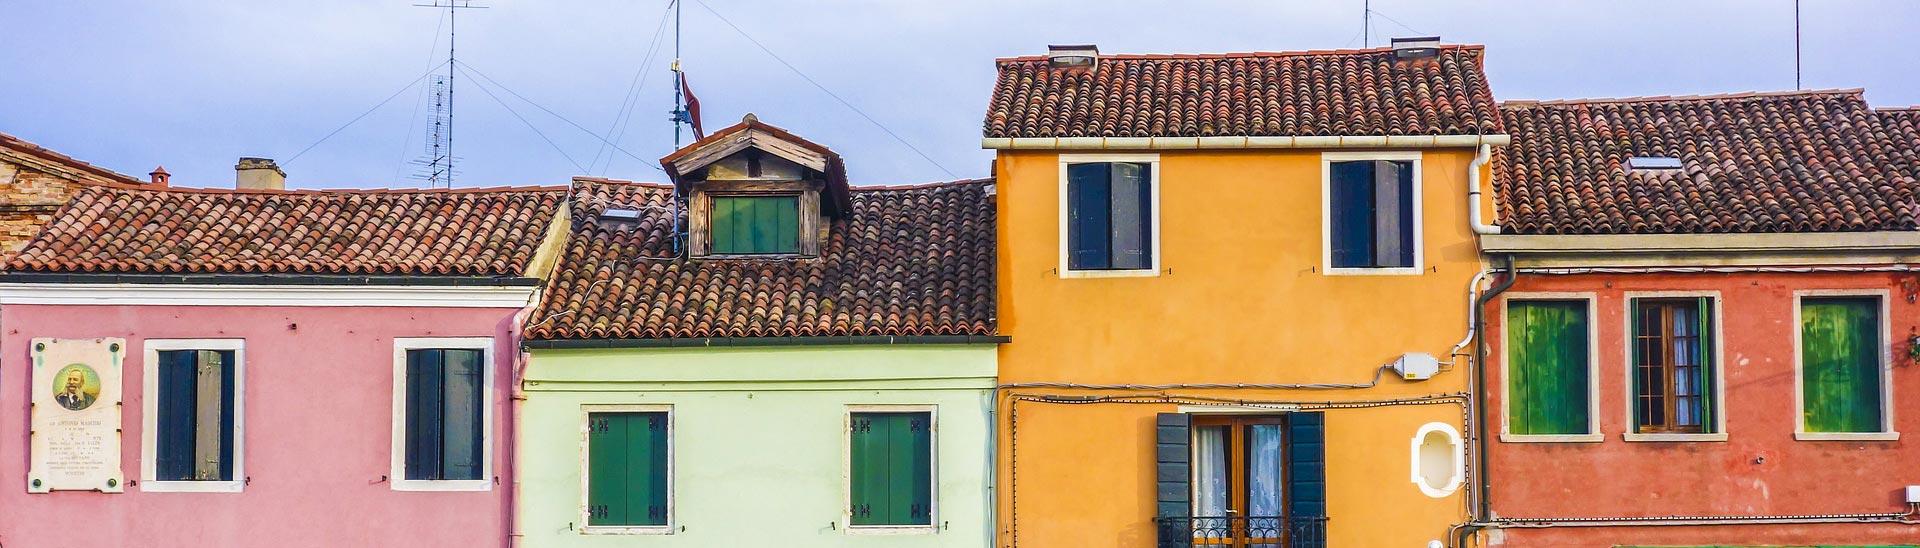 case Venezia_tetto a capanna